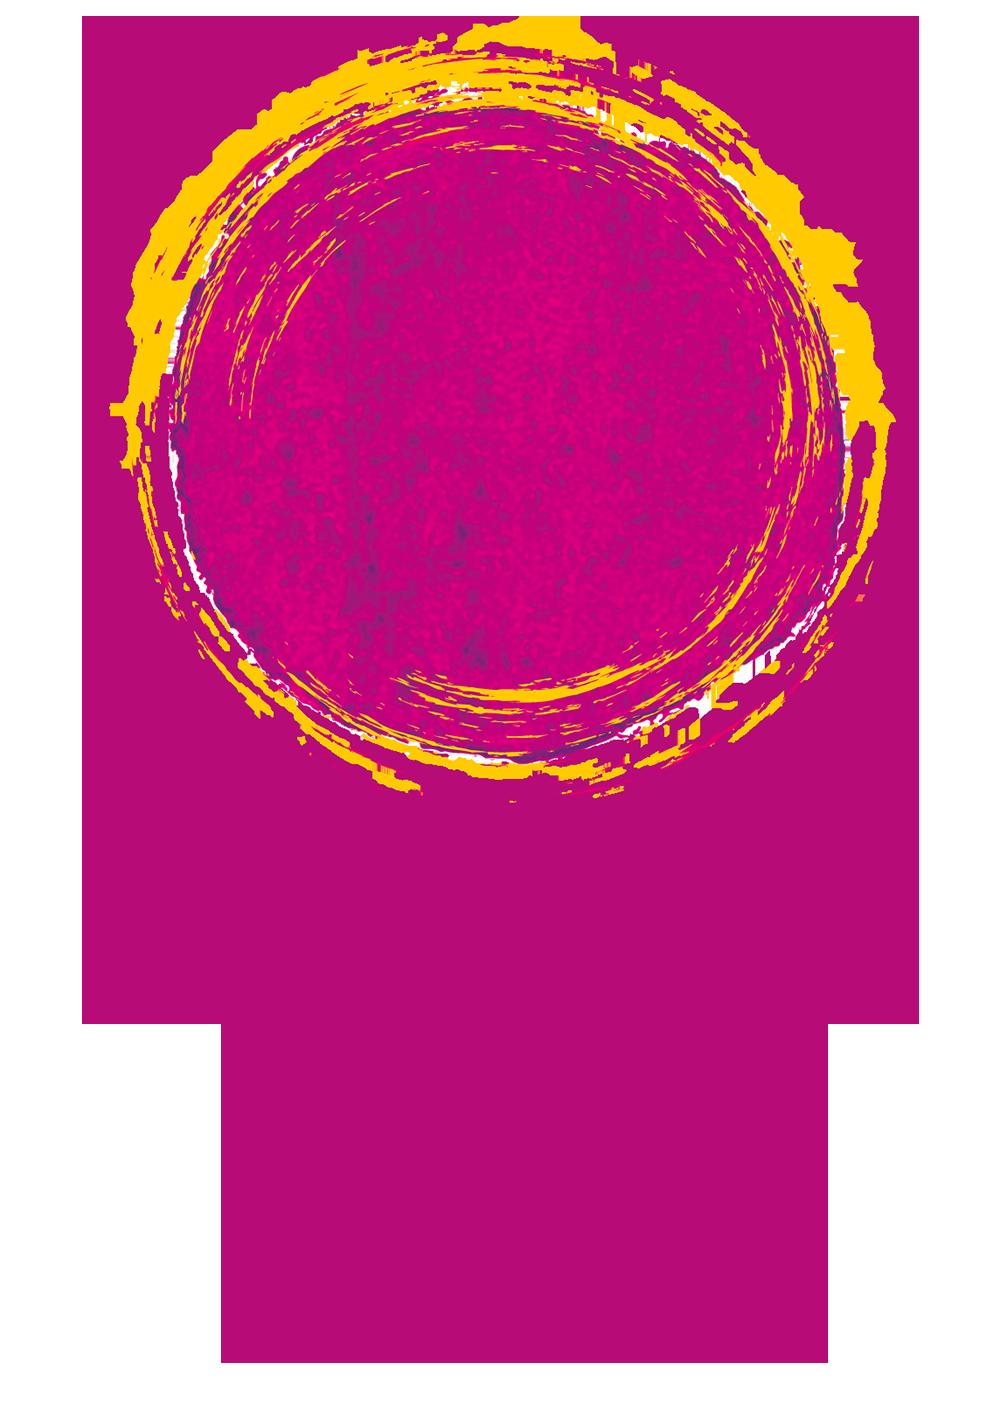 Elisabeth Noll